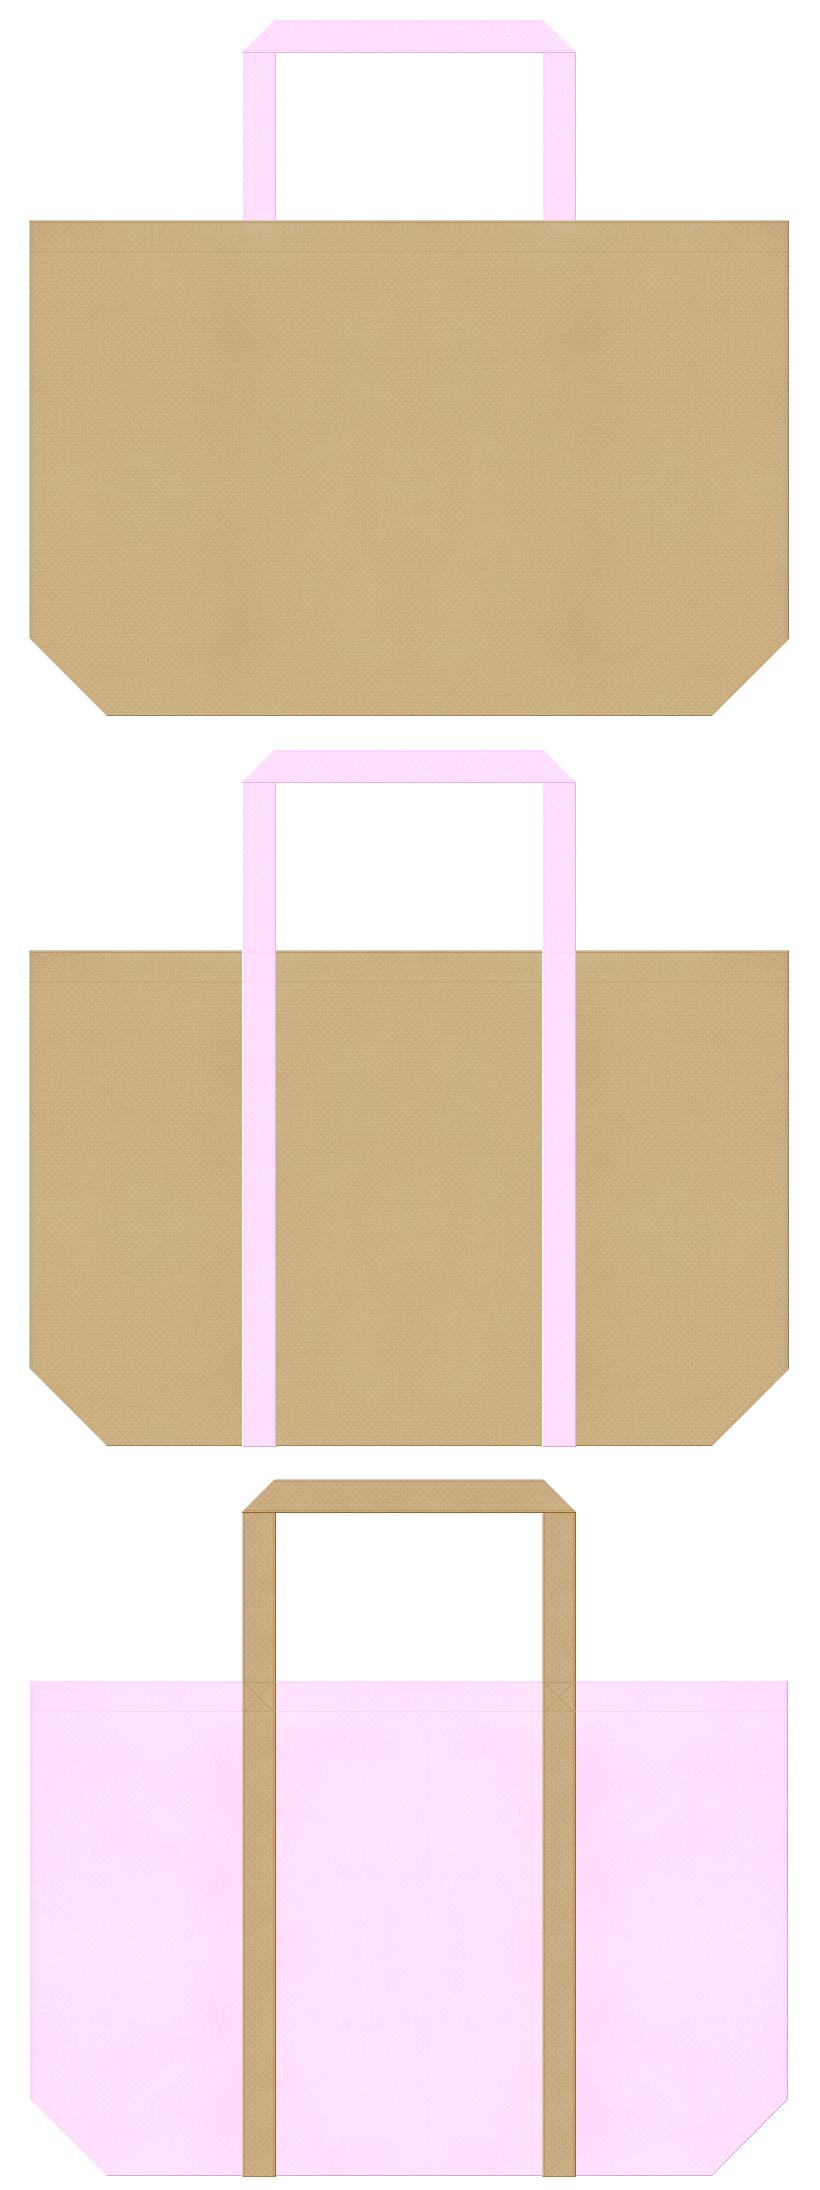 ペットショップ・ペットサロン・アニマルケア・小鹿・子犬・くま・ぬいぐるみ・手芸・絵本・おとぎ話・ガーリーデザインのショッピングバッグにお奨めの不織布バッグデザイン:カーキ色と明るいピンク色のコーデ